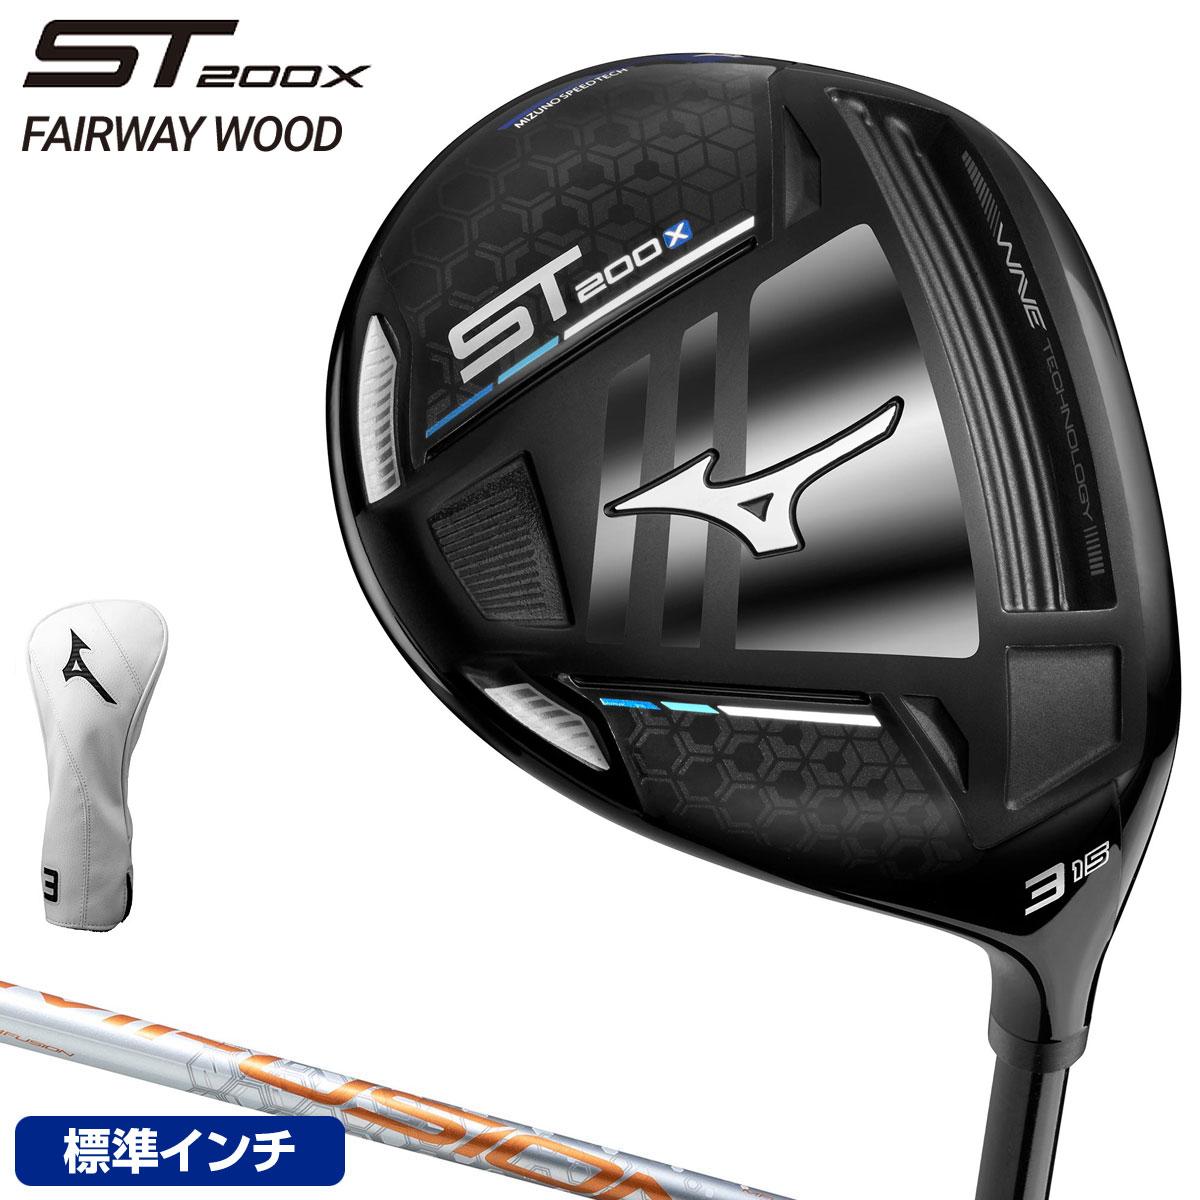 MIZUNO(ミズノ)日本正規品 ST200Xチタンフェアウェイウッド PLATINUM MFUSION Fカーボンシャフト 2020新製品 「5KJGB4325」